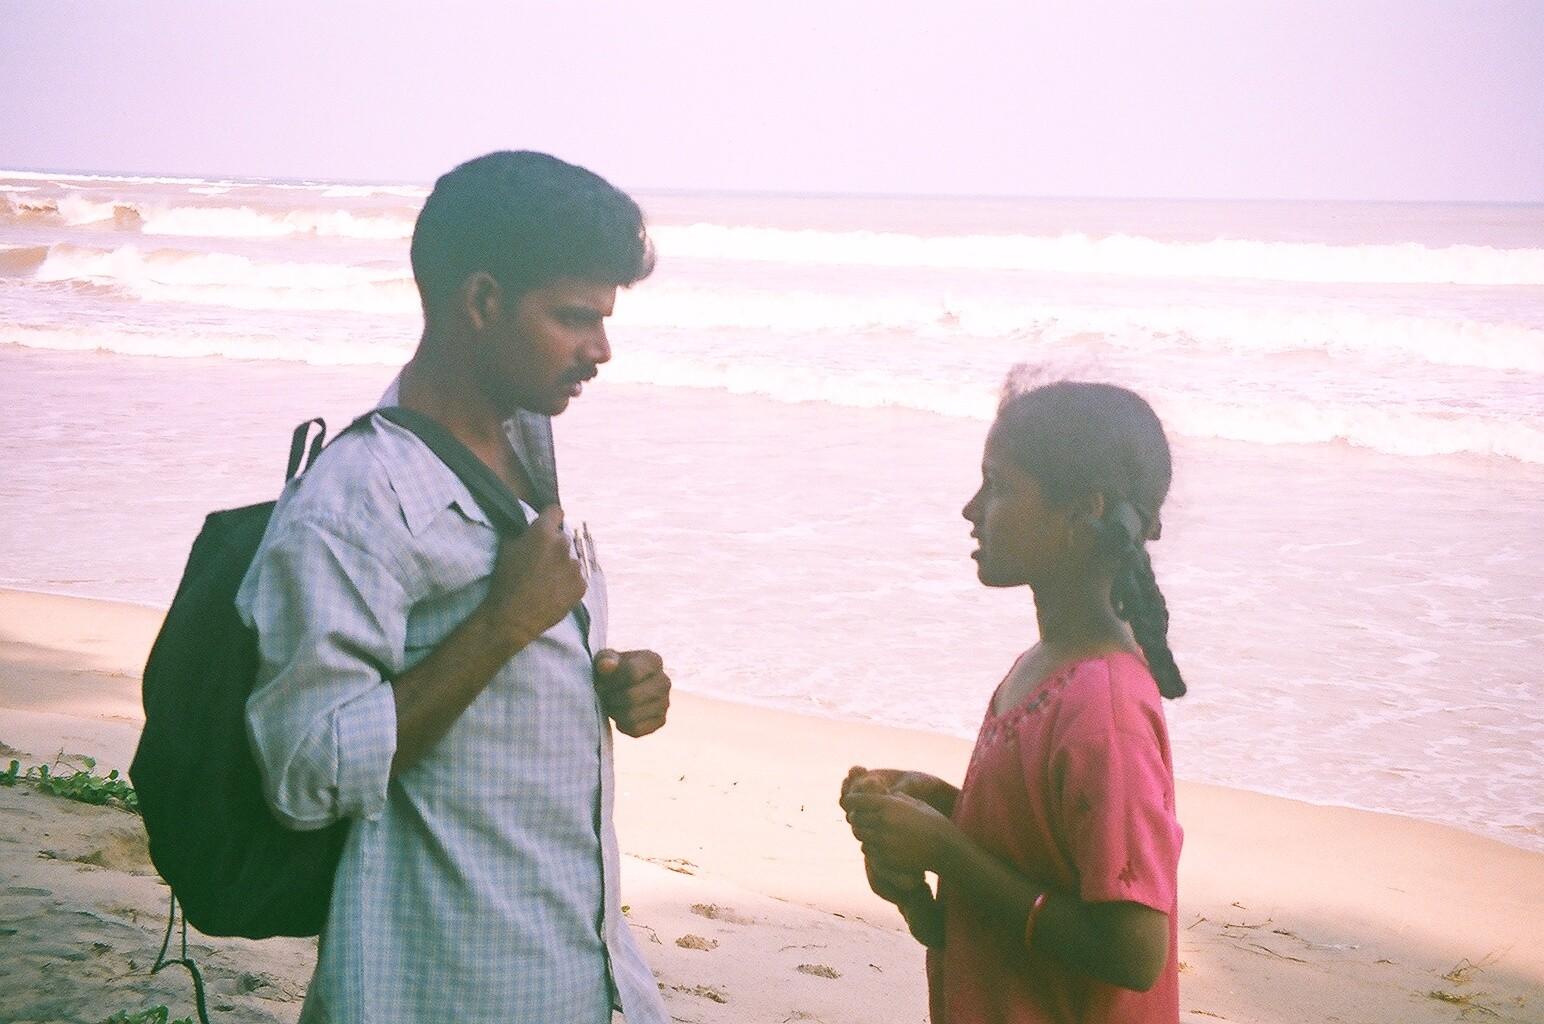 Décembre 2005 - Cette petite fille âgée de 9 ans n'a plus de Maman, elle est décédée lors du tsunami